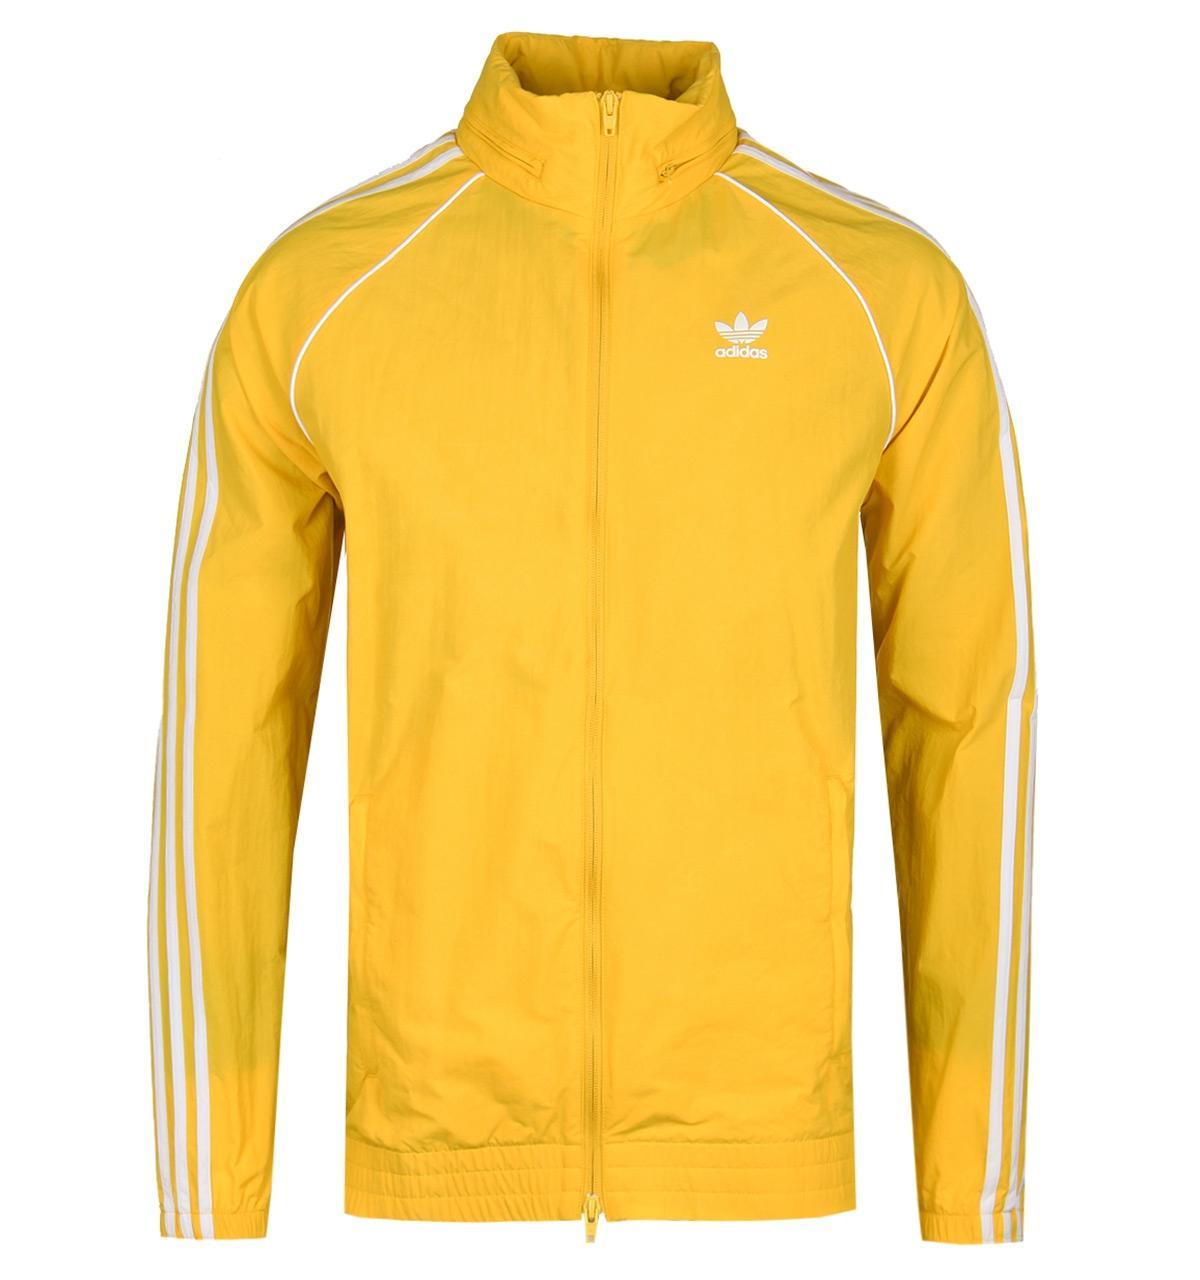 e6a4cff02 Adidas Originals Yellow Sst Windbreaker Jacket for men